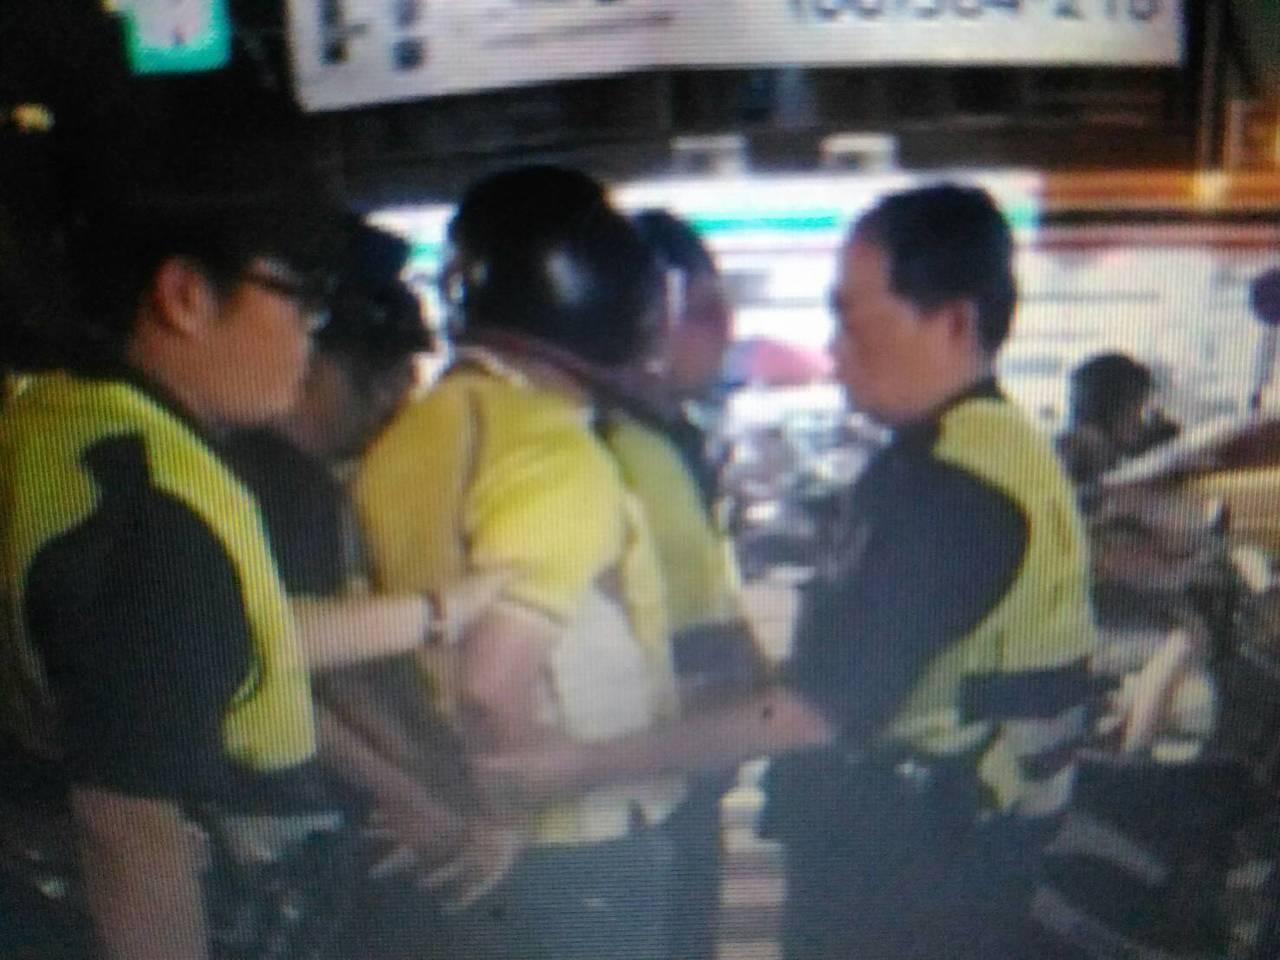 台南市蘇姓男子騎機車今晚6點多行經南區夏林路,不滿警方進行交管時間較久,涉嫌作勢...